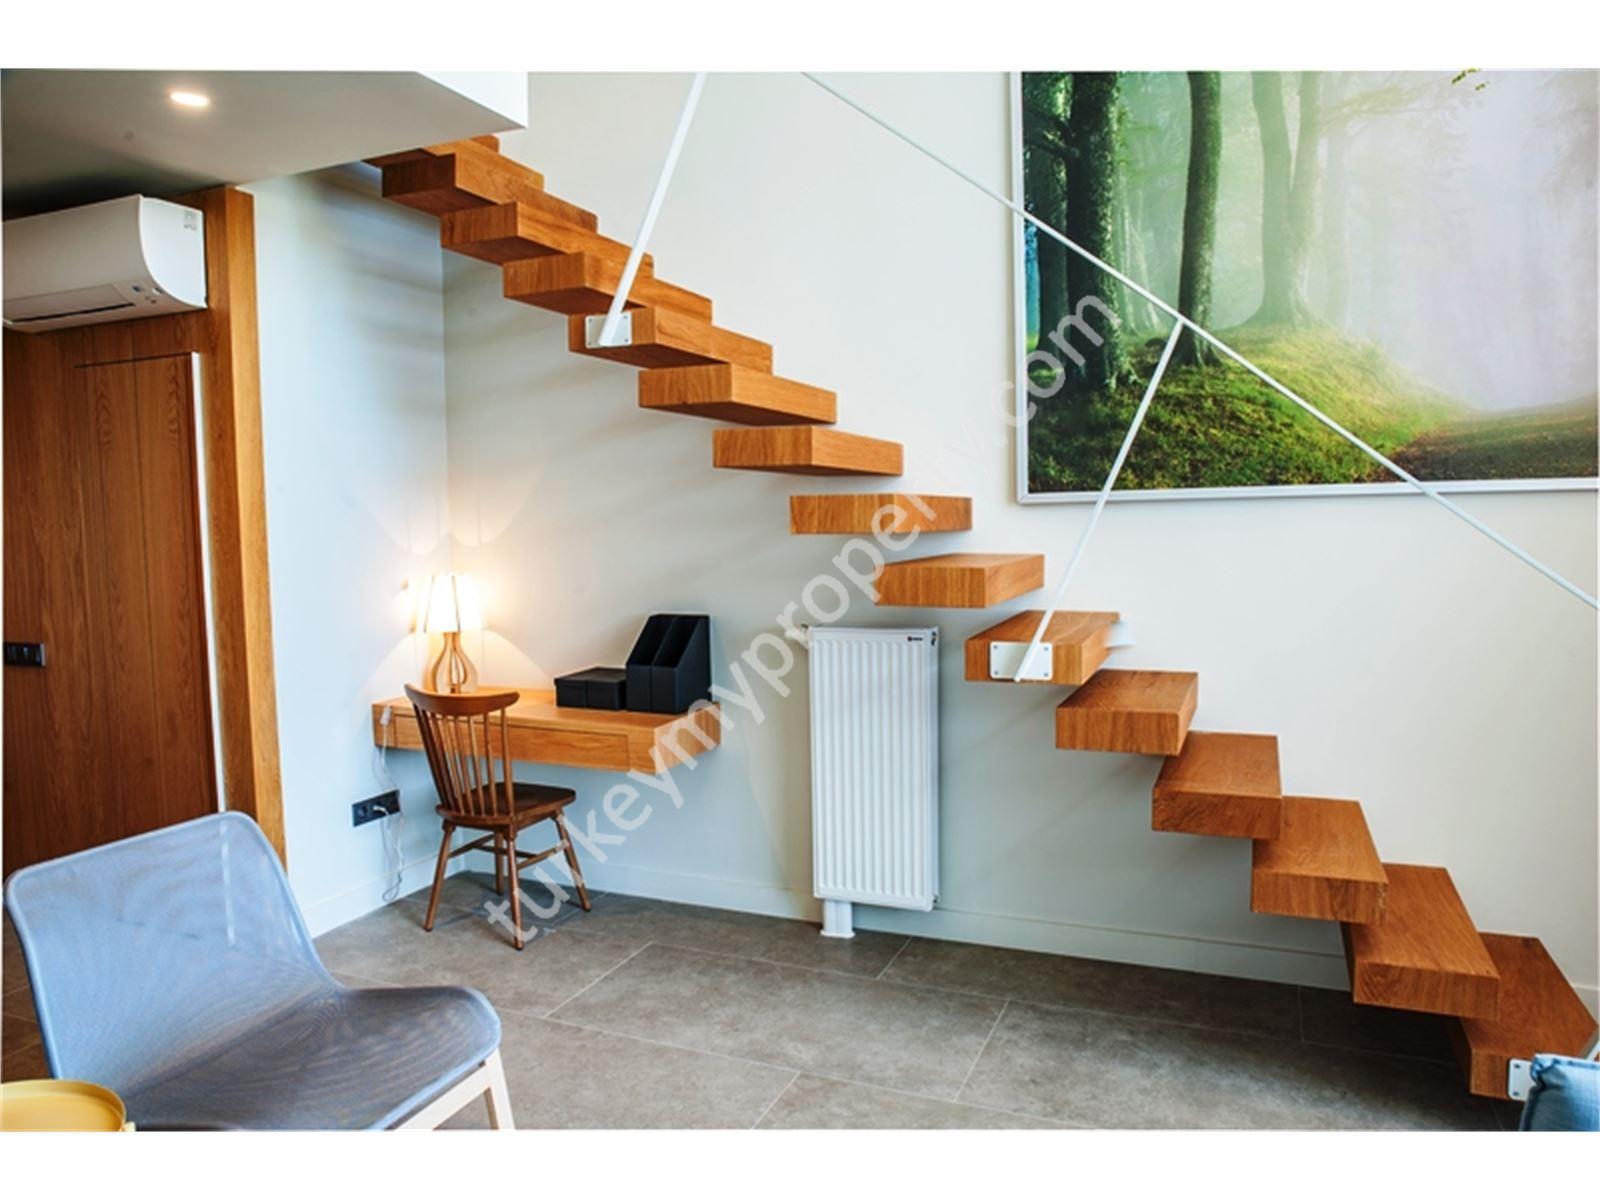 Designs have different duplex in Mersin.